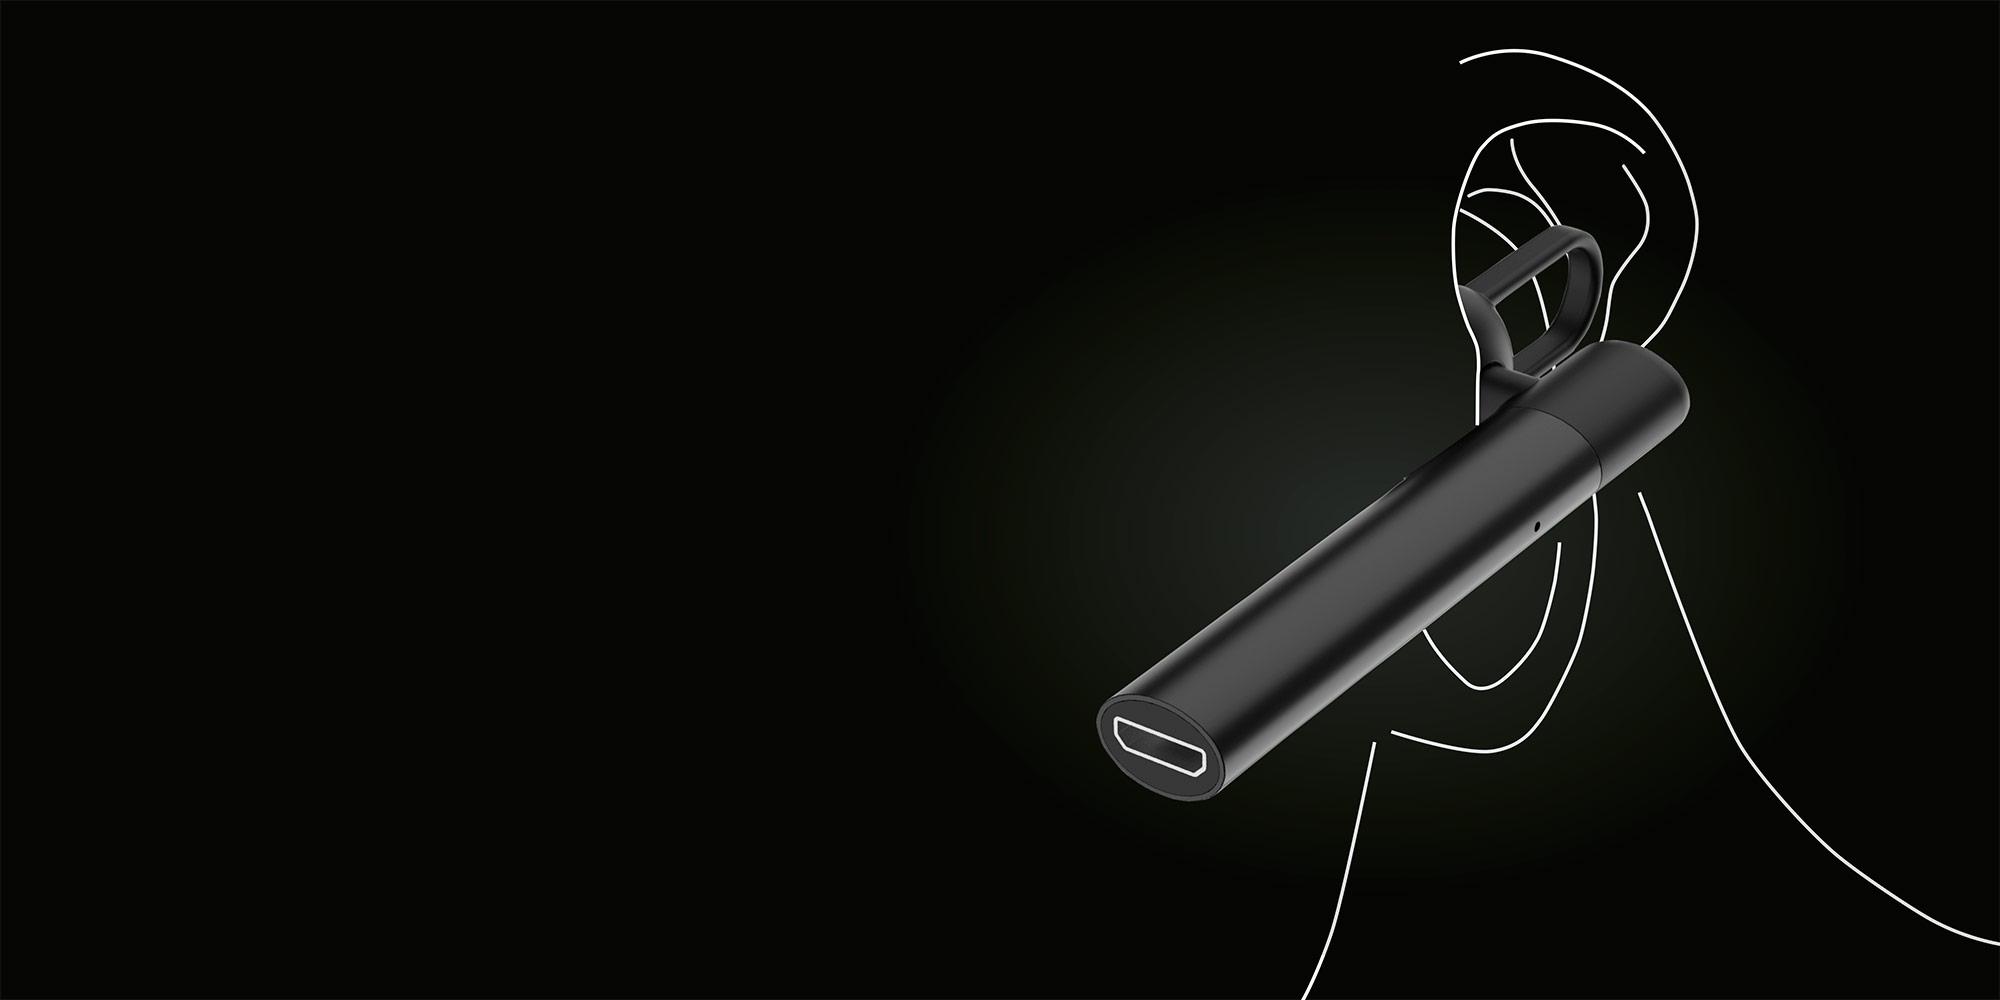 Headset-ul Bluetooth Traveler K12 de la Kruger&Matz este un gadget de neinlocuit pentru cei aflati in continua miscare si care au nevoie de un instrument care sa le faciliteze vorbitul la telefon. Design cu stil, posibilitatea de a-l purta in urechea stanga sau dreapta - iata doar cateva din avantajele produsului.